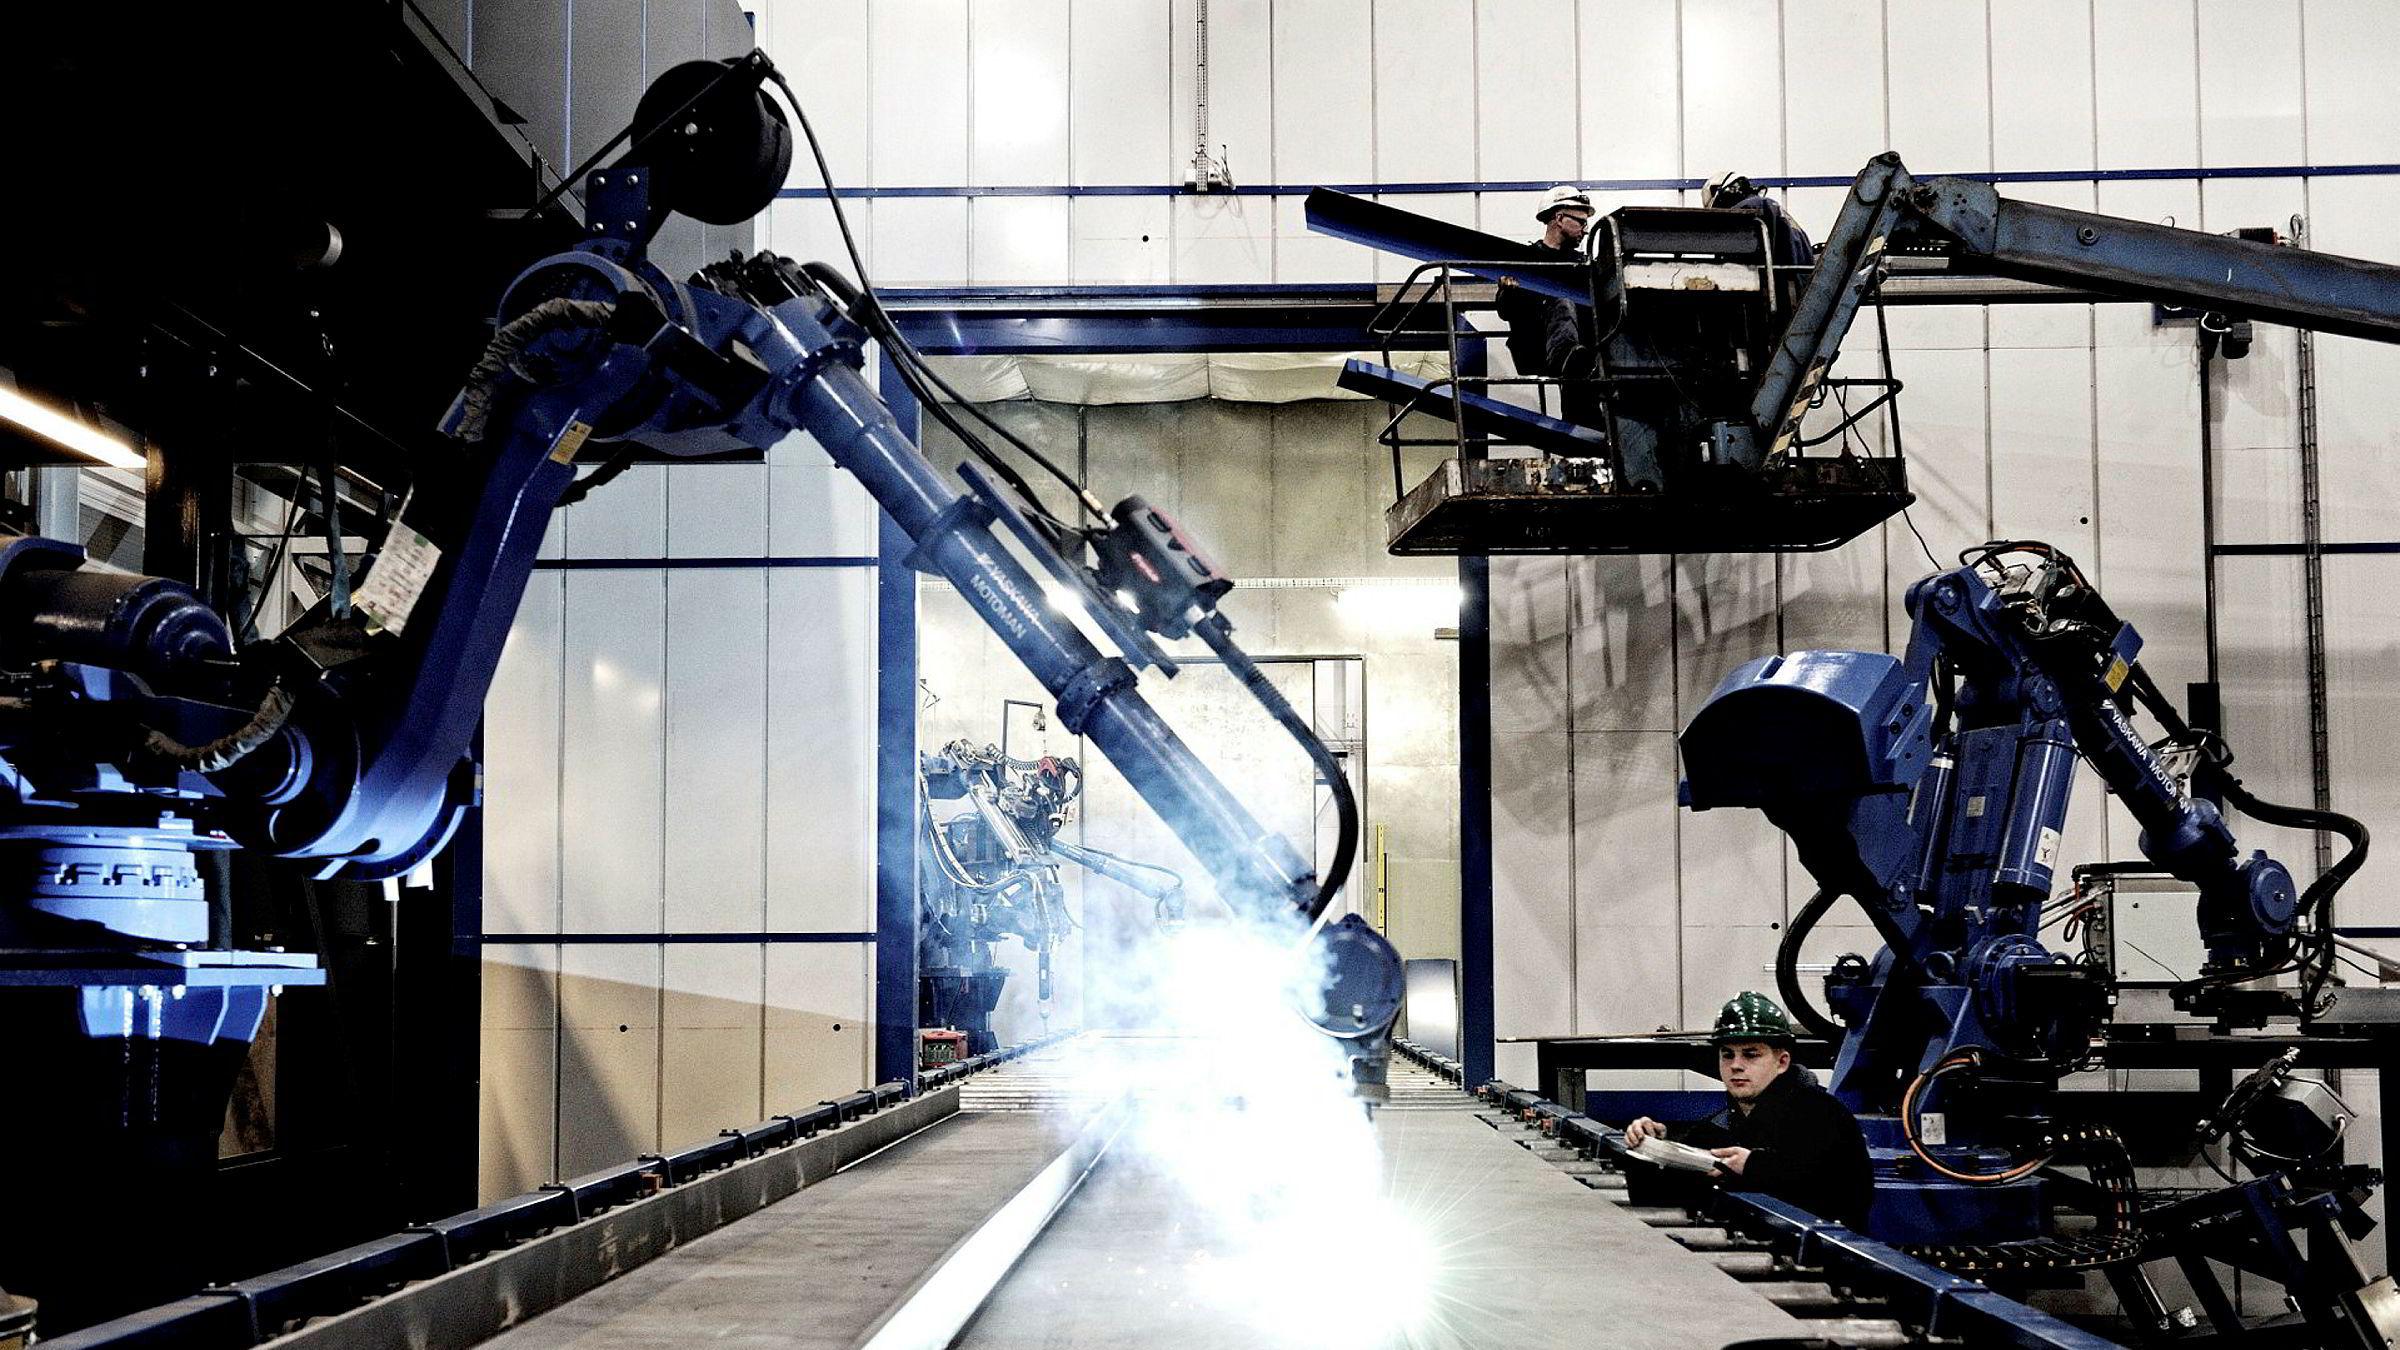 Roboter vil overta en rekke jobber i fremtiden, men det er noe du bør gjøre for å sikre egen arbeidsplass, mener svensk forsker (illustrasjonsbilde).